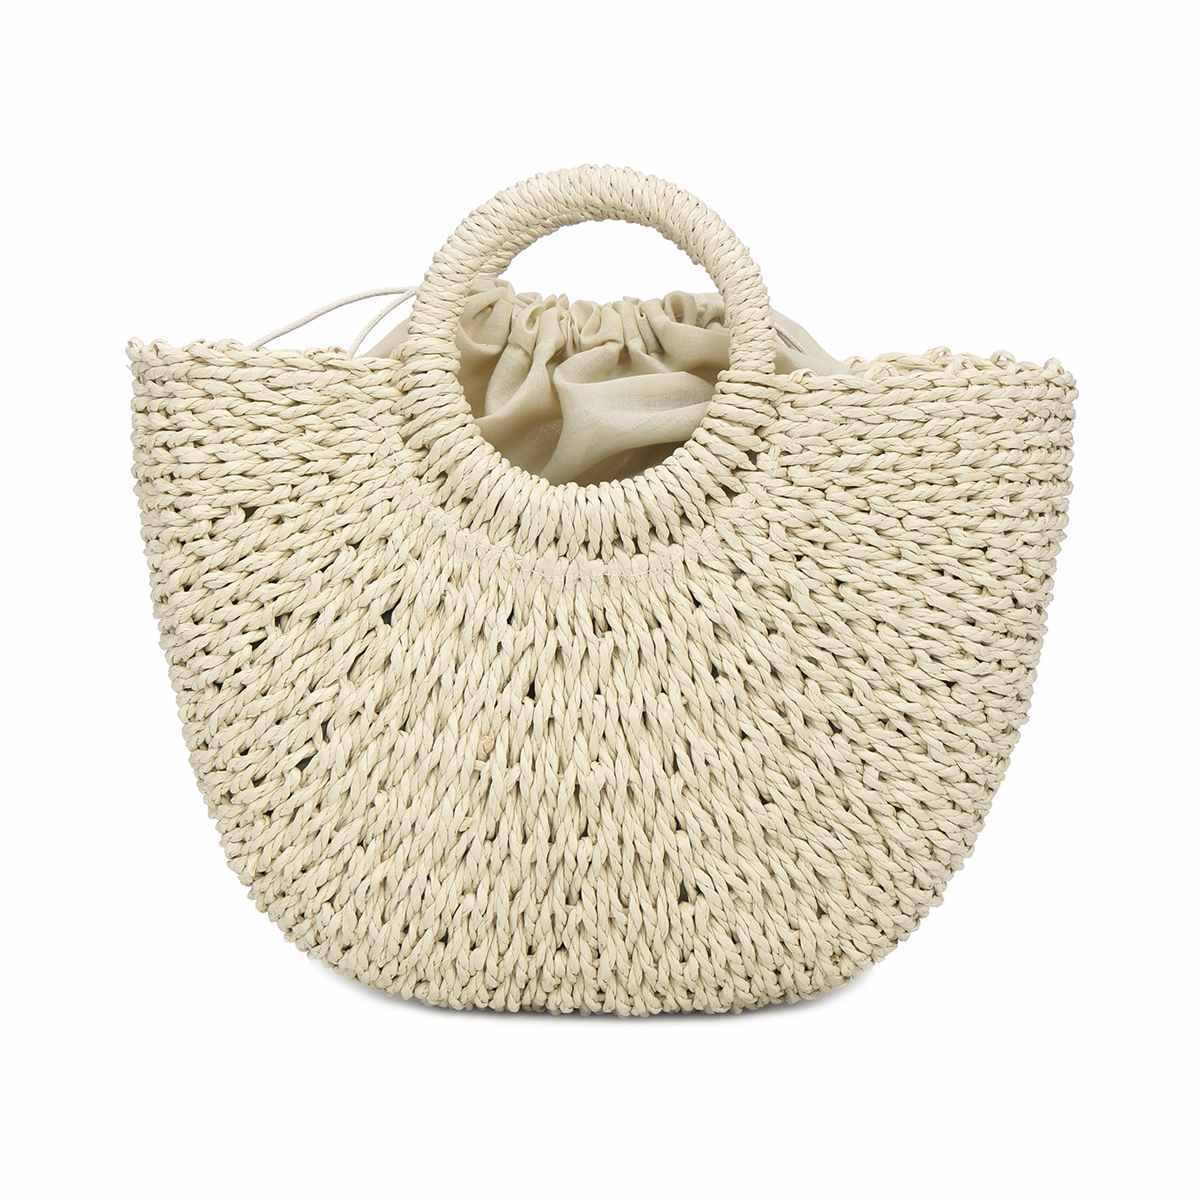 Для женщин корзина из натуральных материалов сумки женские круглый соломенные сумки сумка ручной работы пляжные плетеная Сумка из ротанга большое ведро летние плетеные сумки Begie хаки